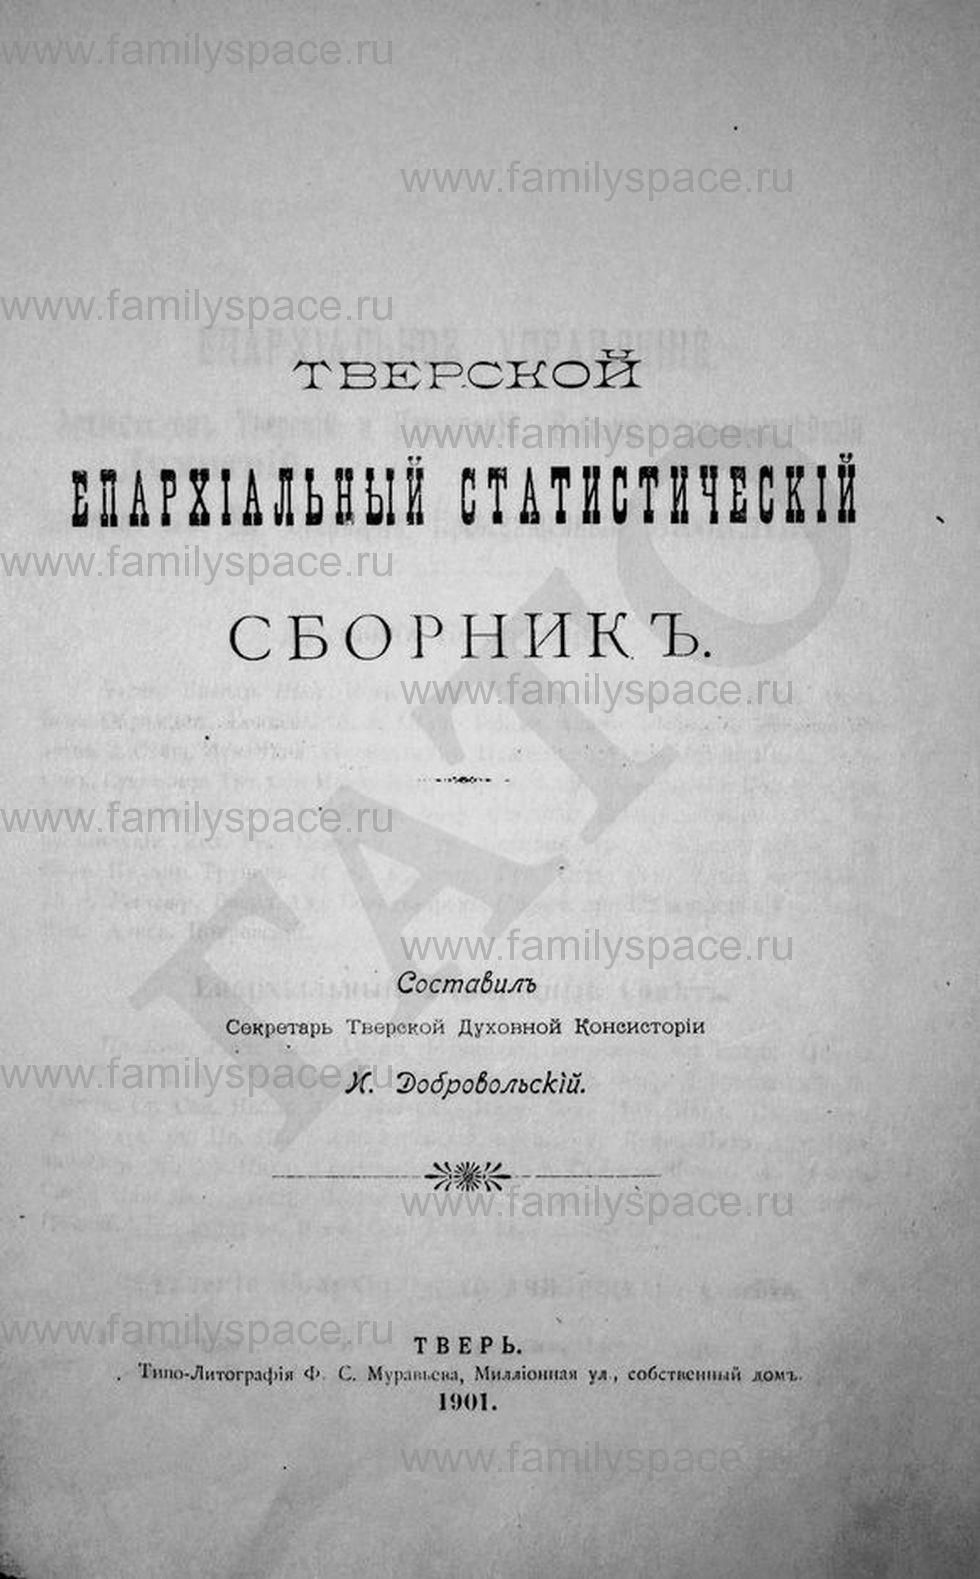 Поиск по фамилии - Тверской епархиальный статистический сборник, страница 1